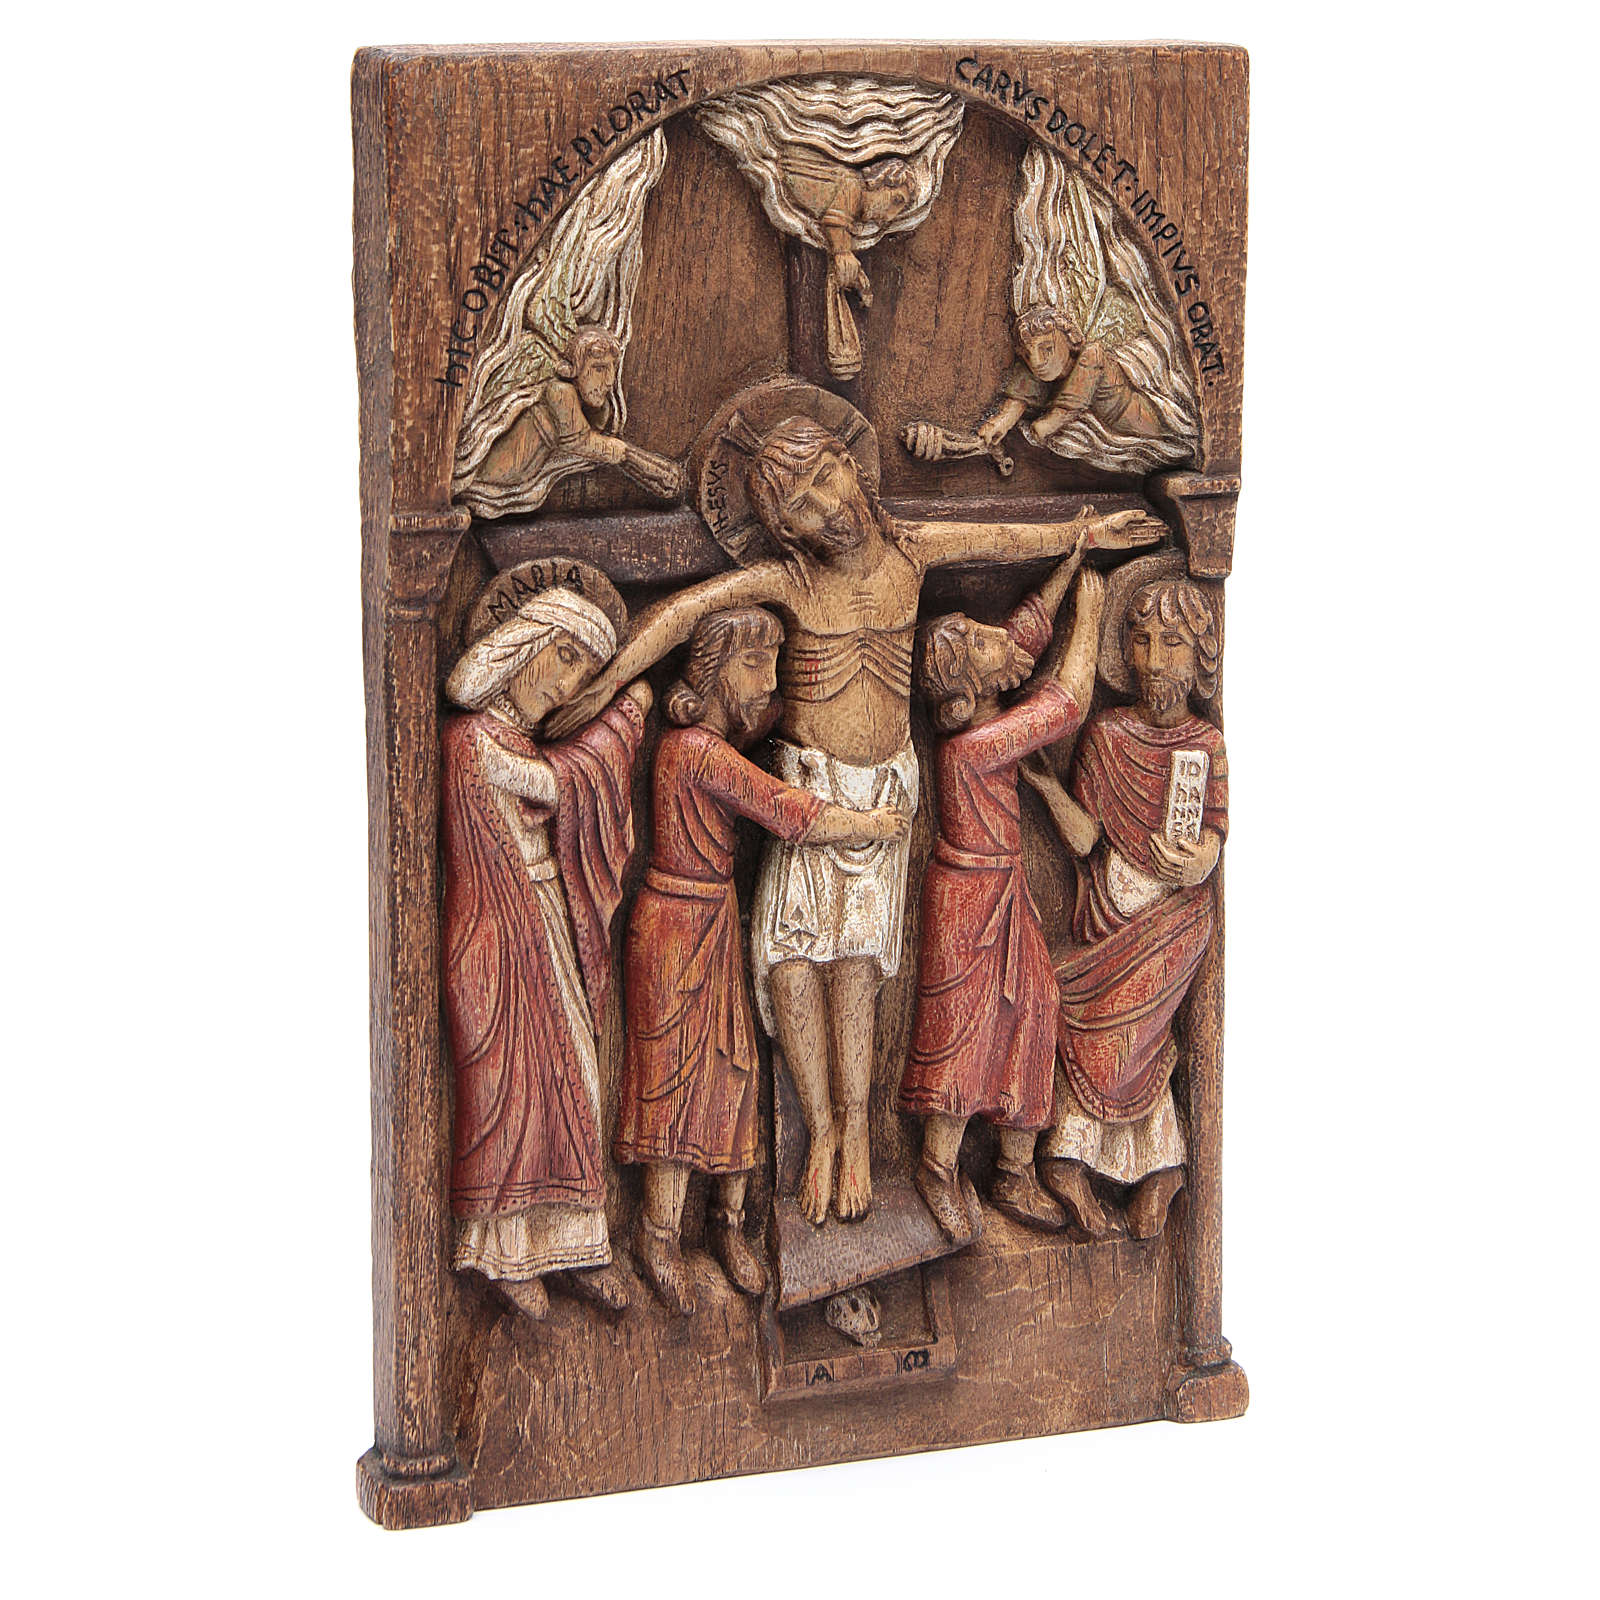 Bassorilievo Crocifissione di Silos 37,5x24,5 cm legno Bethléem 4